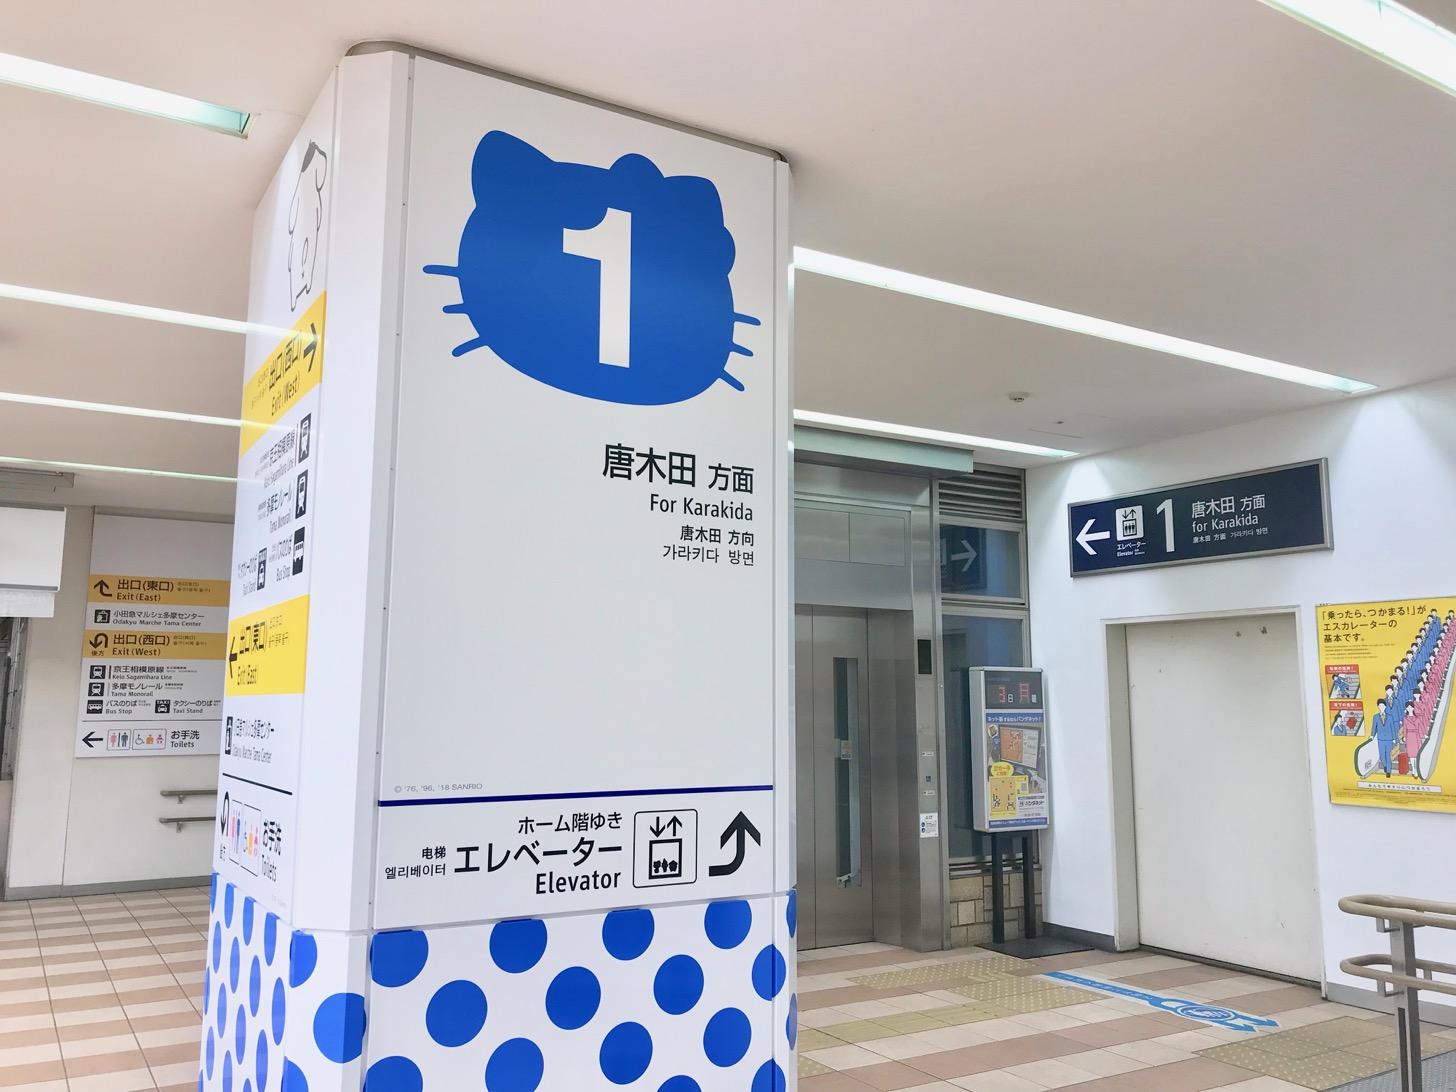 小田急多摩センター駅構内がサンリオキャラクター